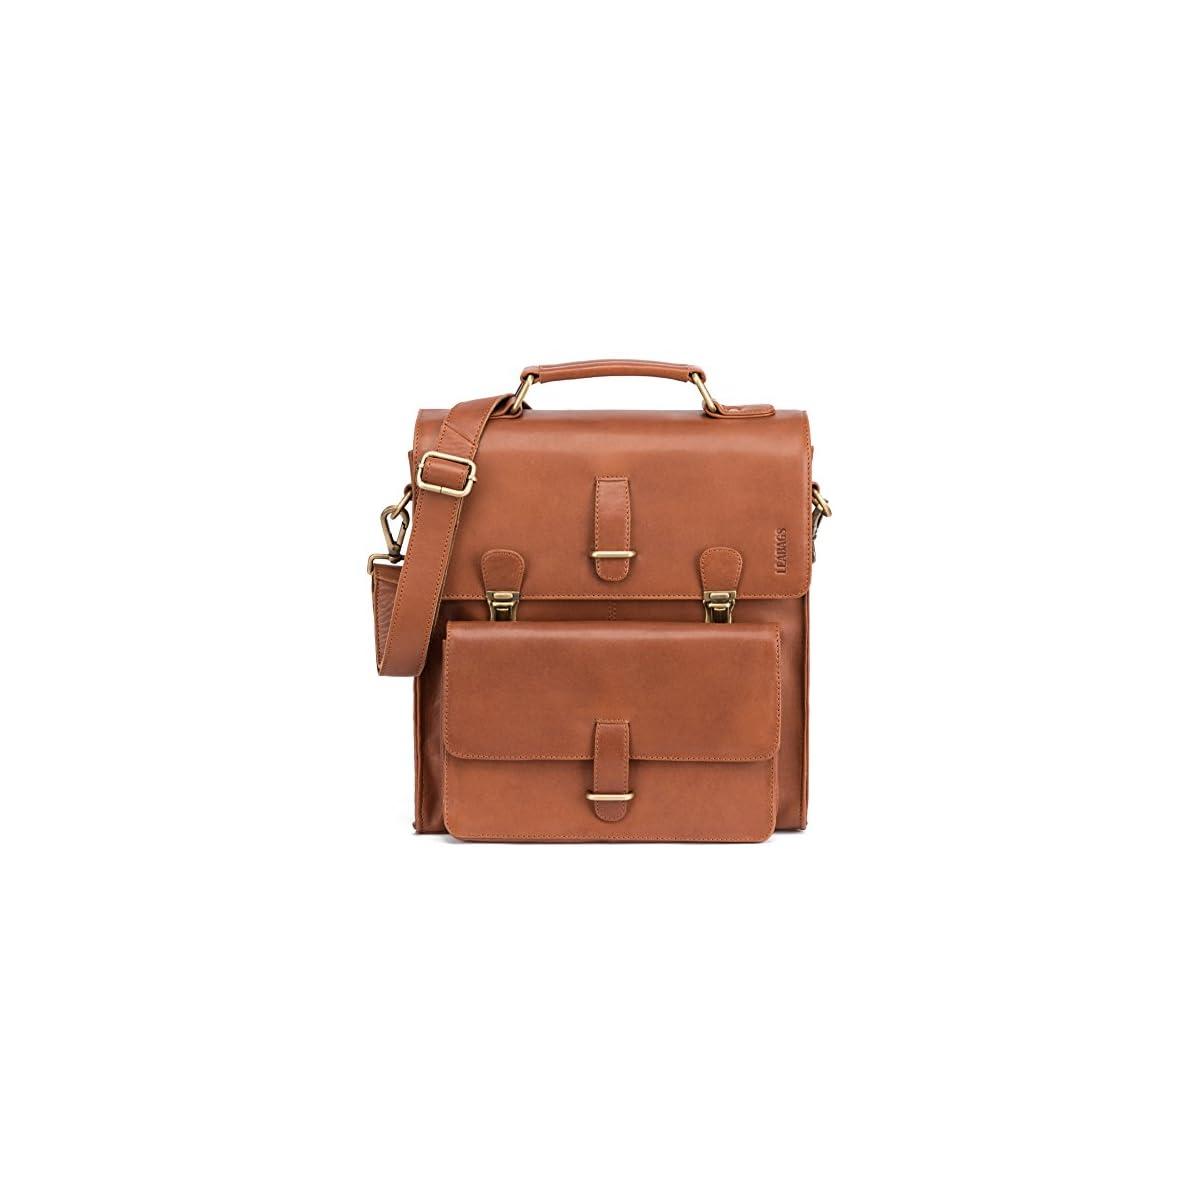 51FkSp%2BJZmL. SS1200  - LEABAGS Lille maletín de auténtico Cuero búfalo en el Estilo Vintage